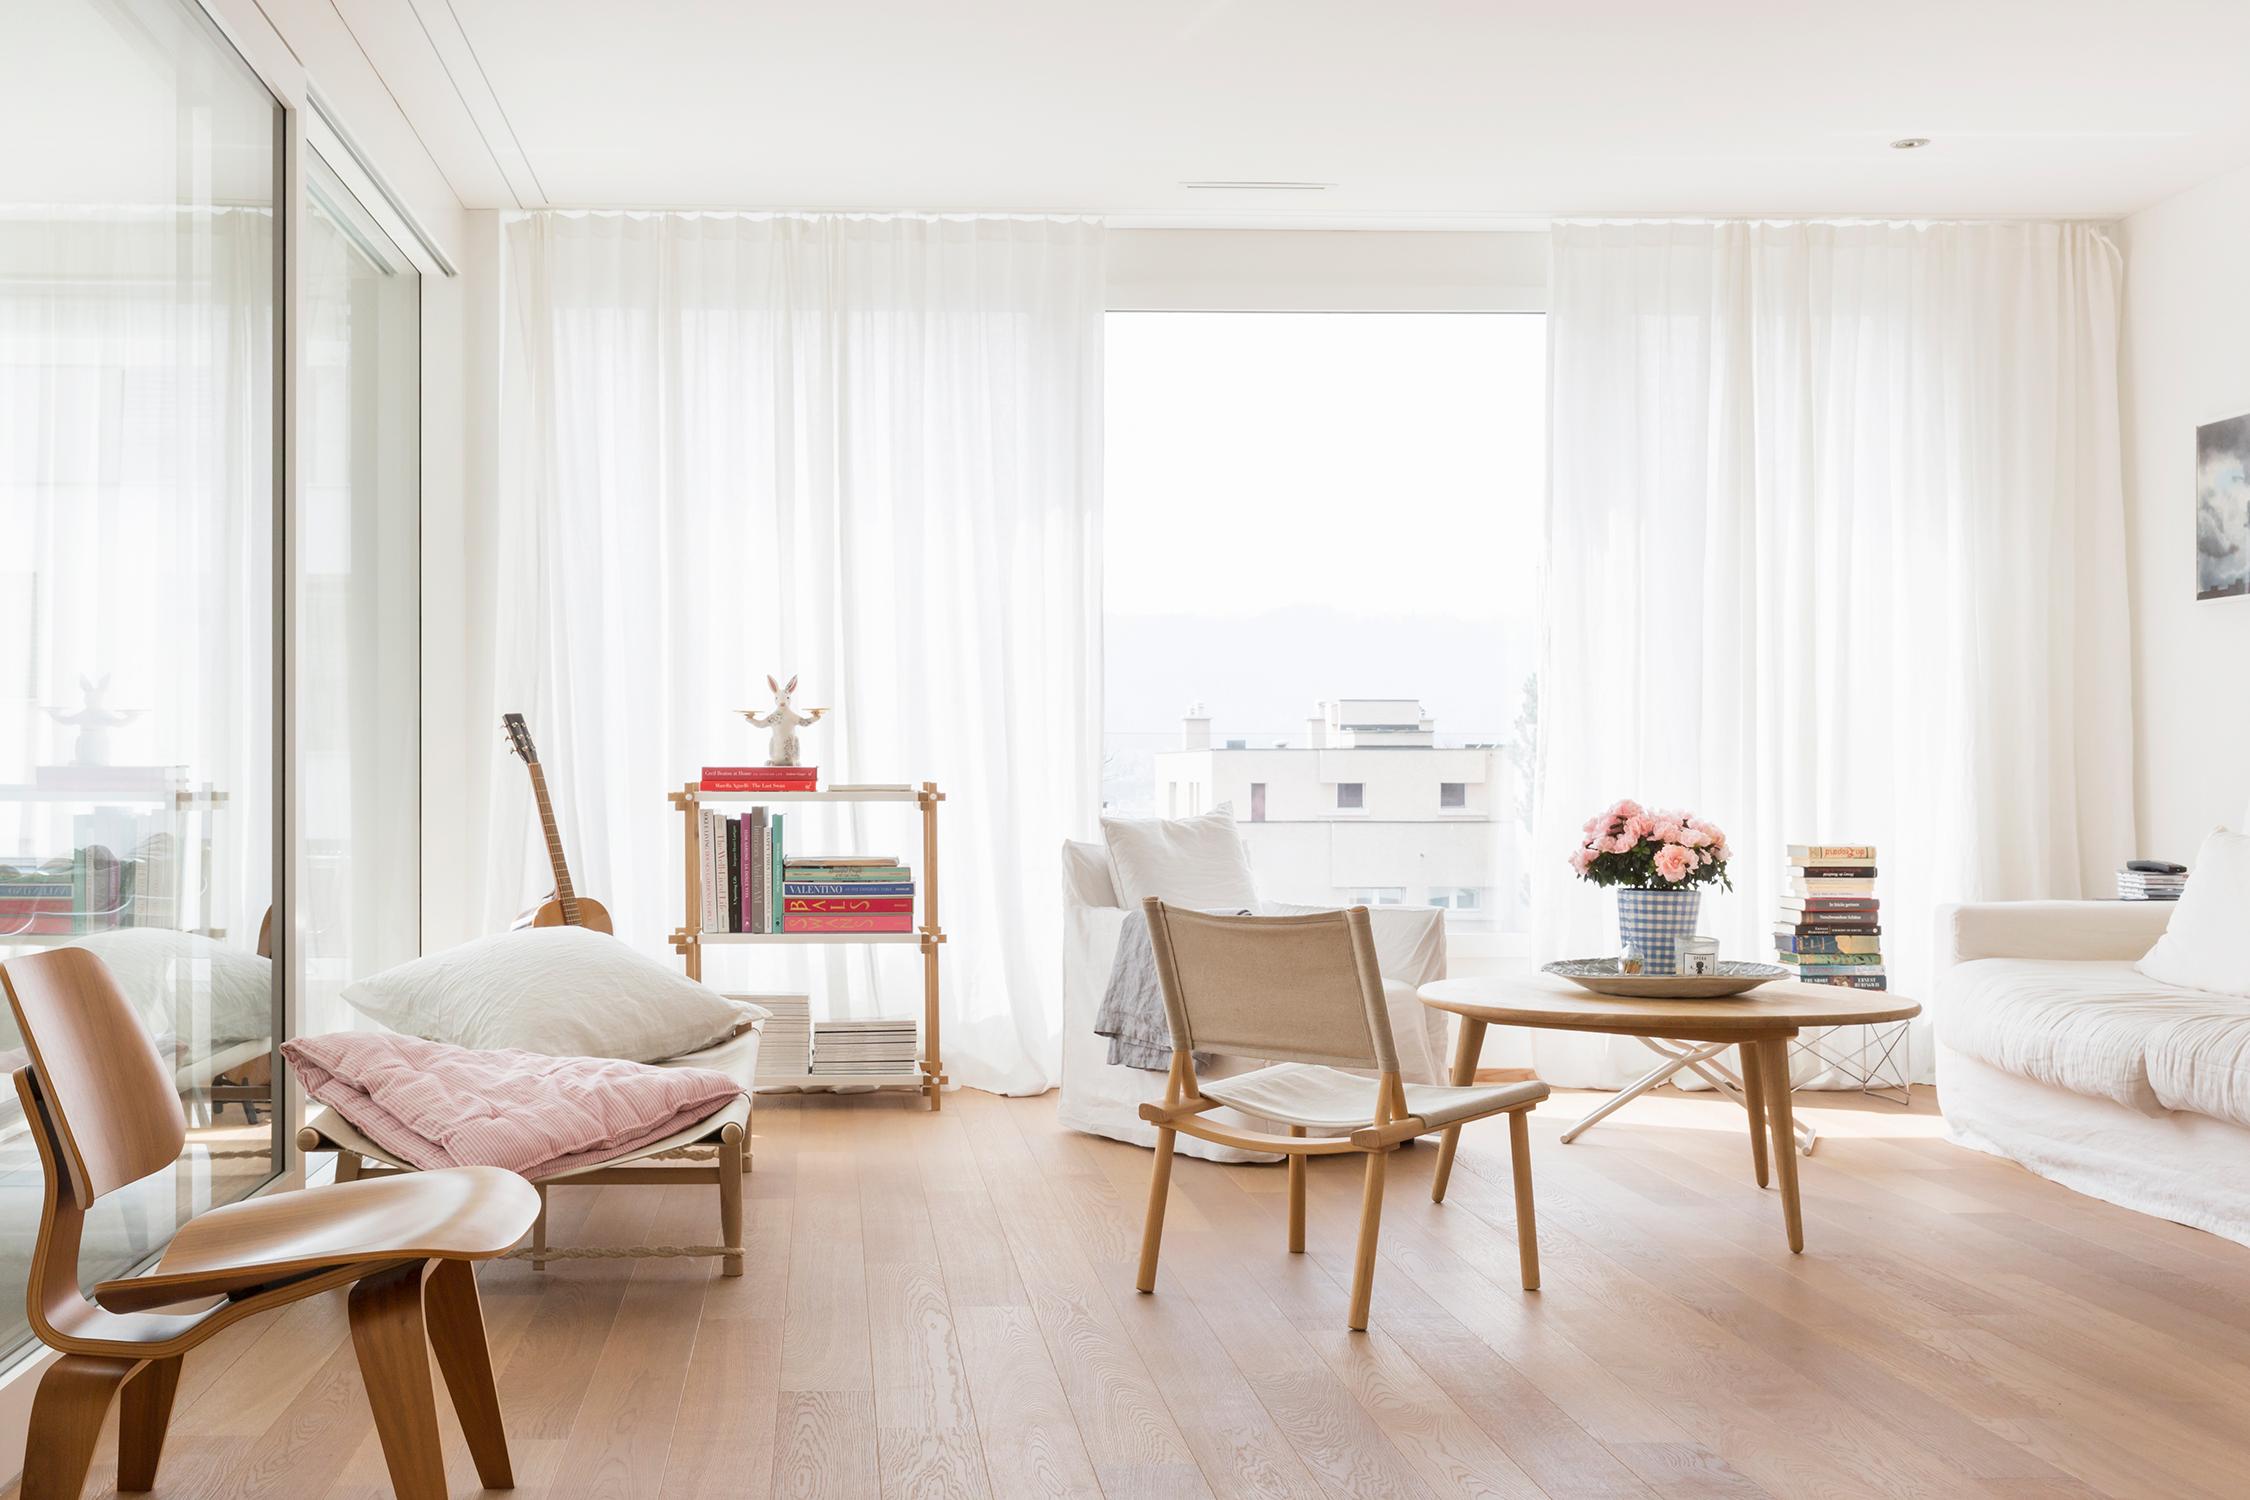 Homestory eine wohnung wie ein strahlender fr hlingstag for Wohnung design blog